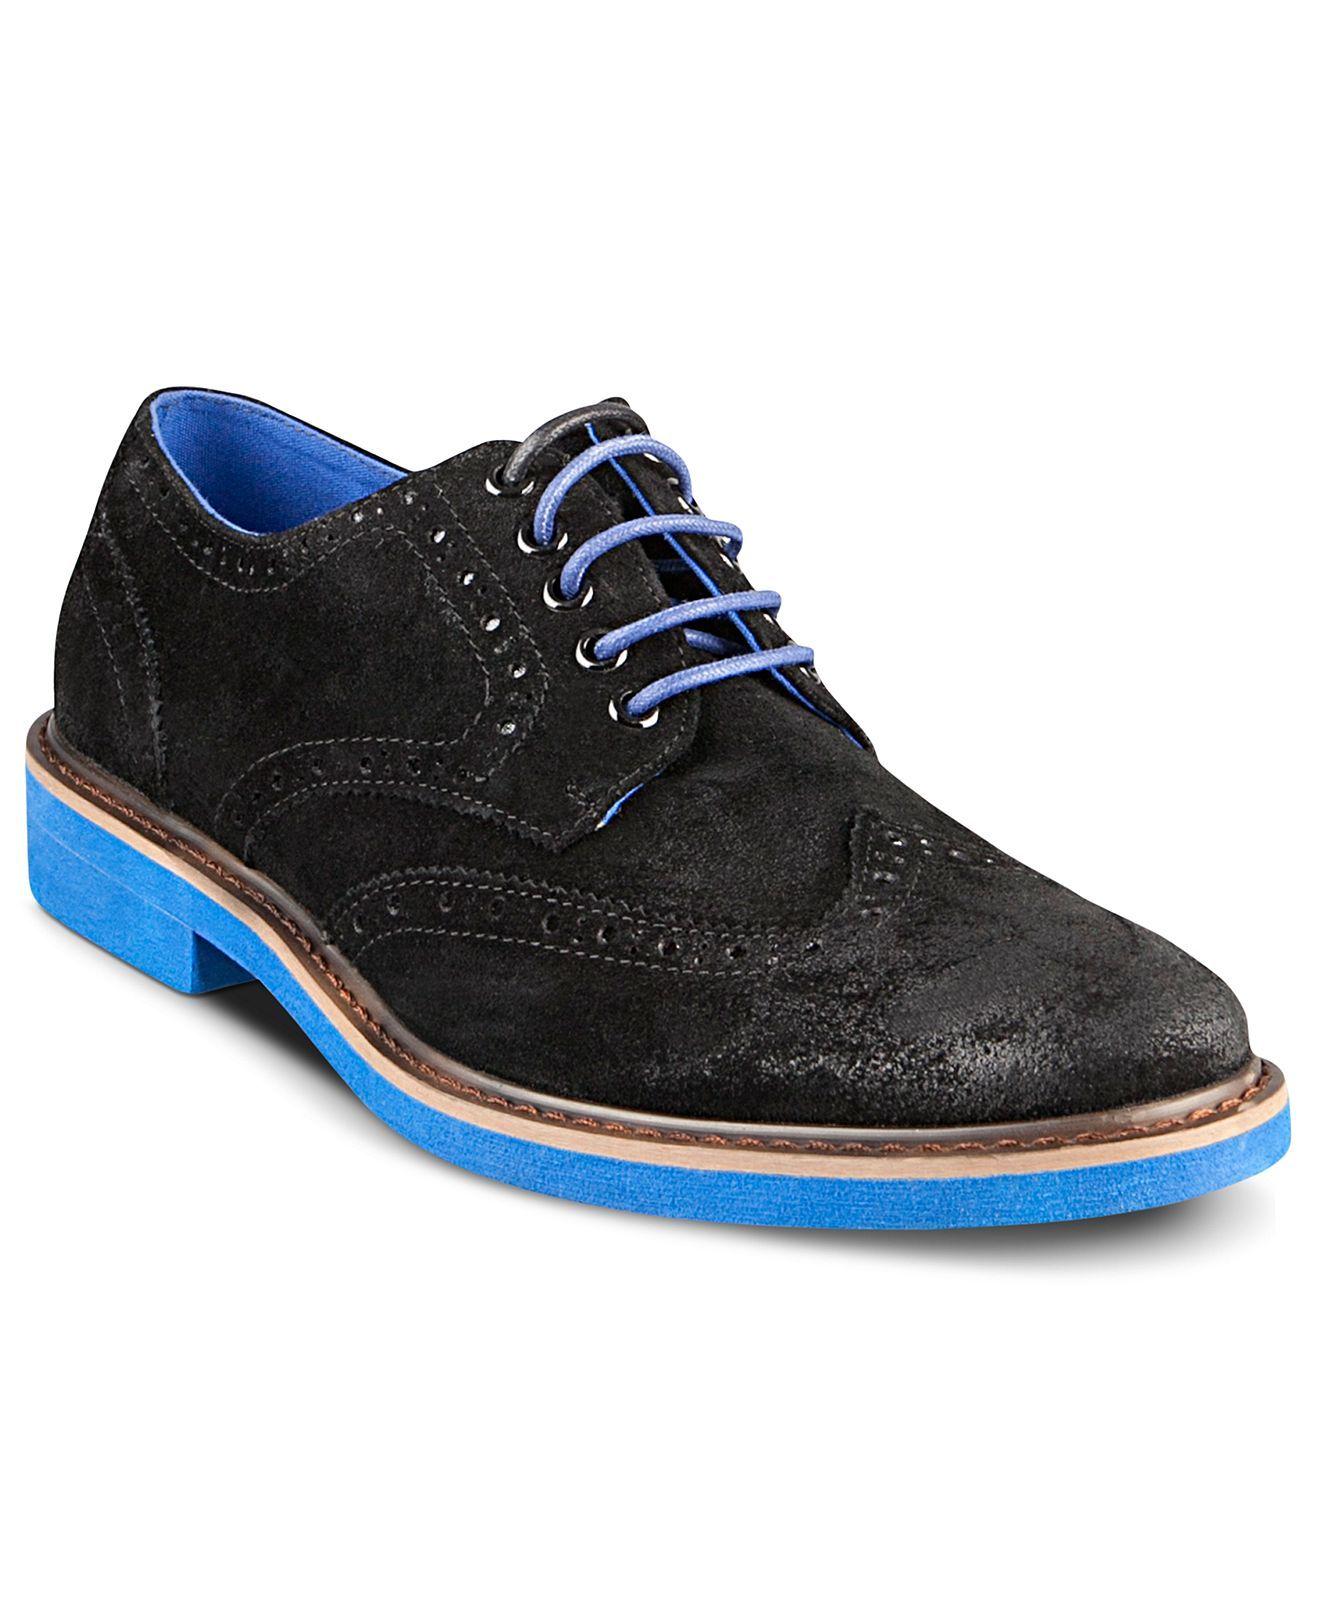 2725af85e79 Steve Madden Shoes